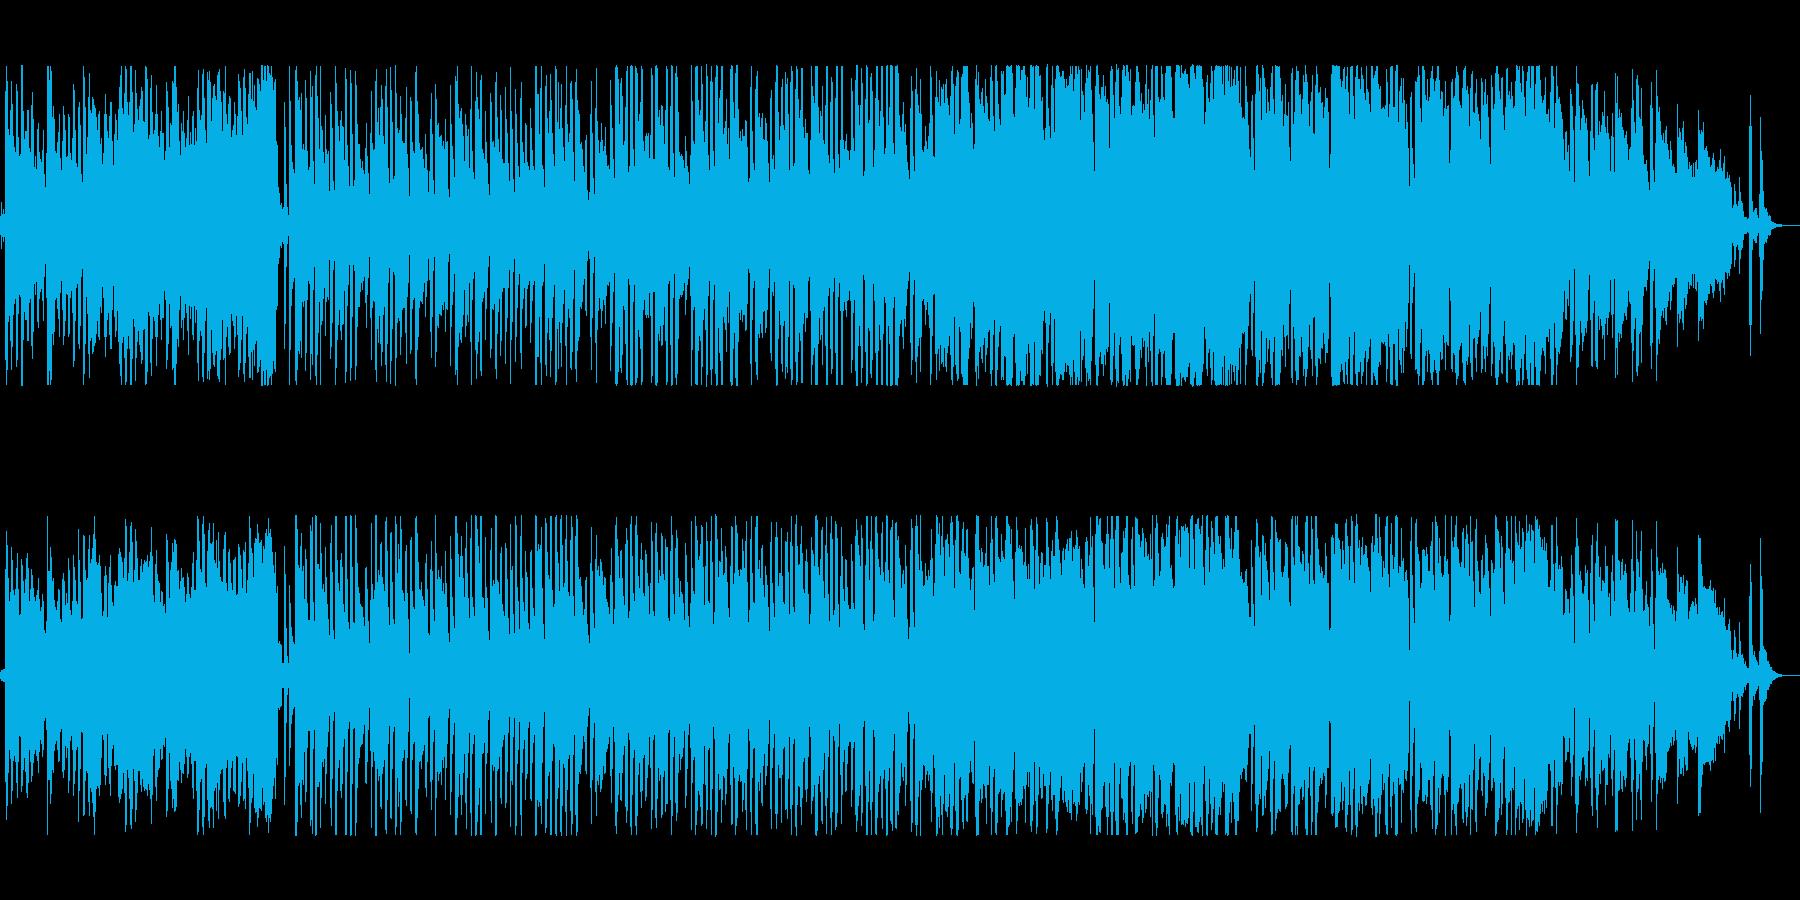 かわいらしいシンセサイザーミュージックの再生済みの波形